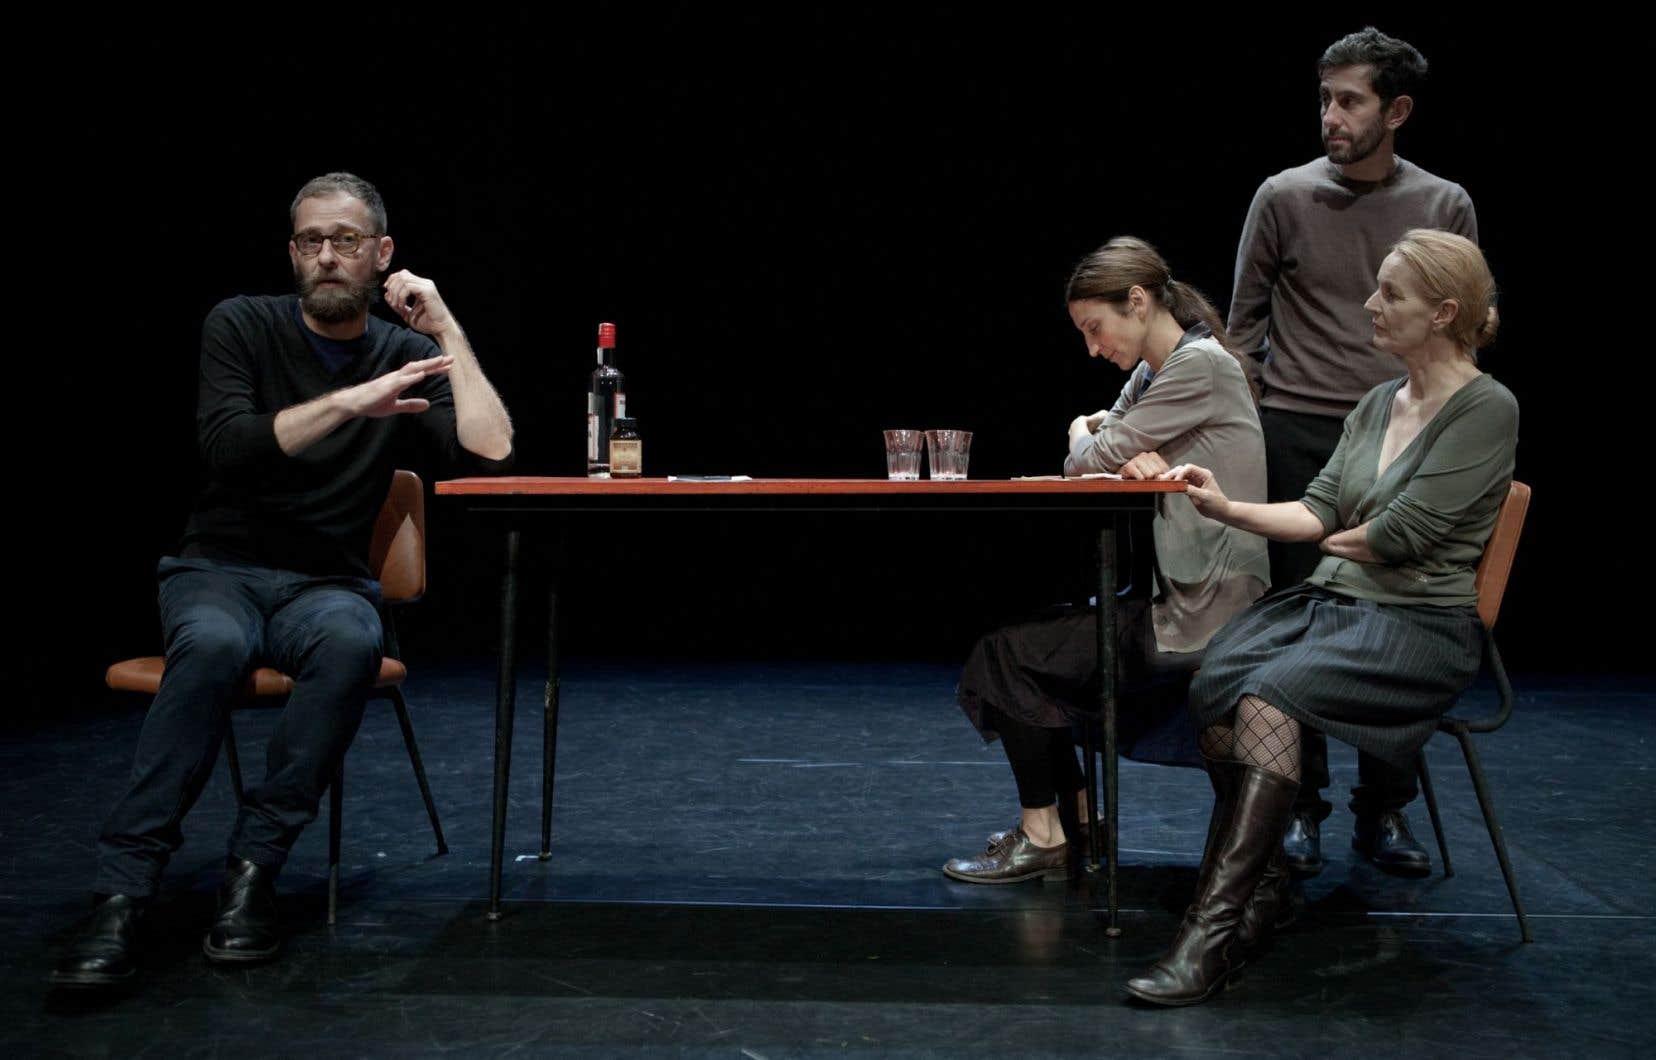 La scène de la pièce «Ce ne andiamo per non darvi altre preoccupazioni» ne contient qu'une table, trois chaises et un néon suspendu.